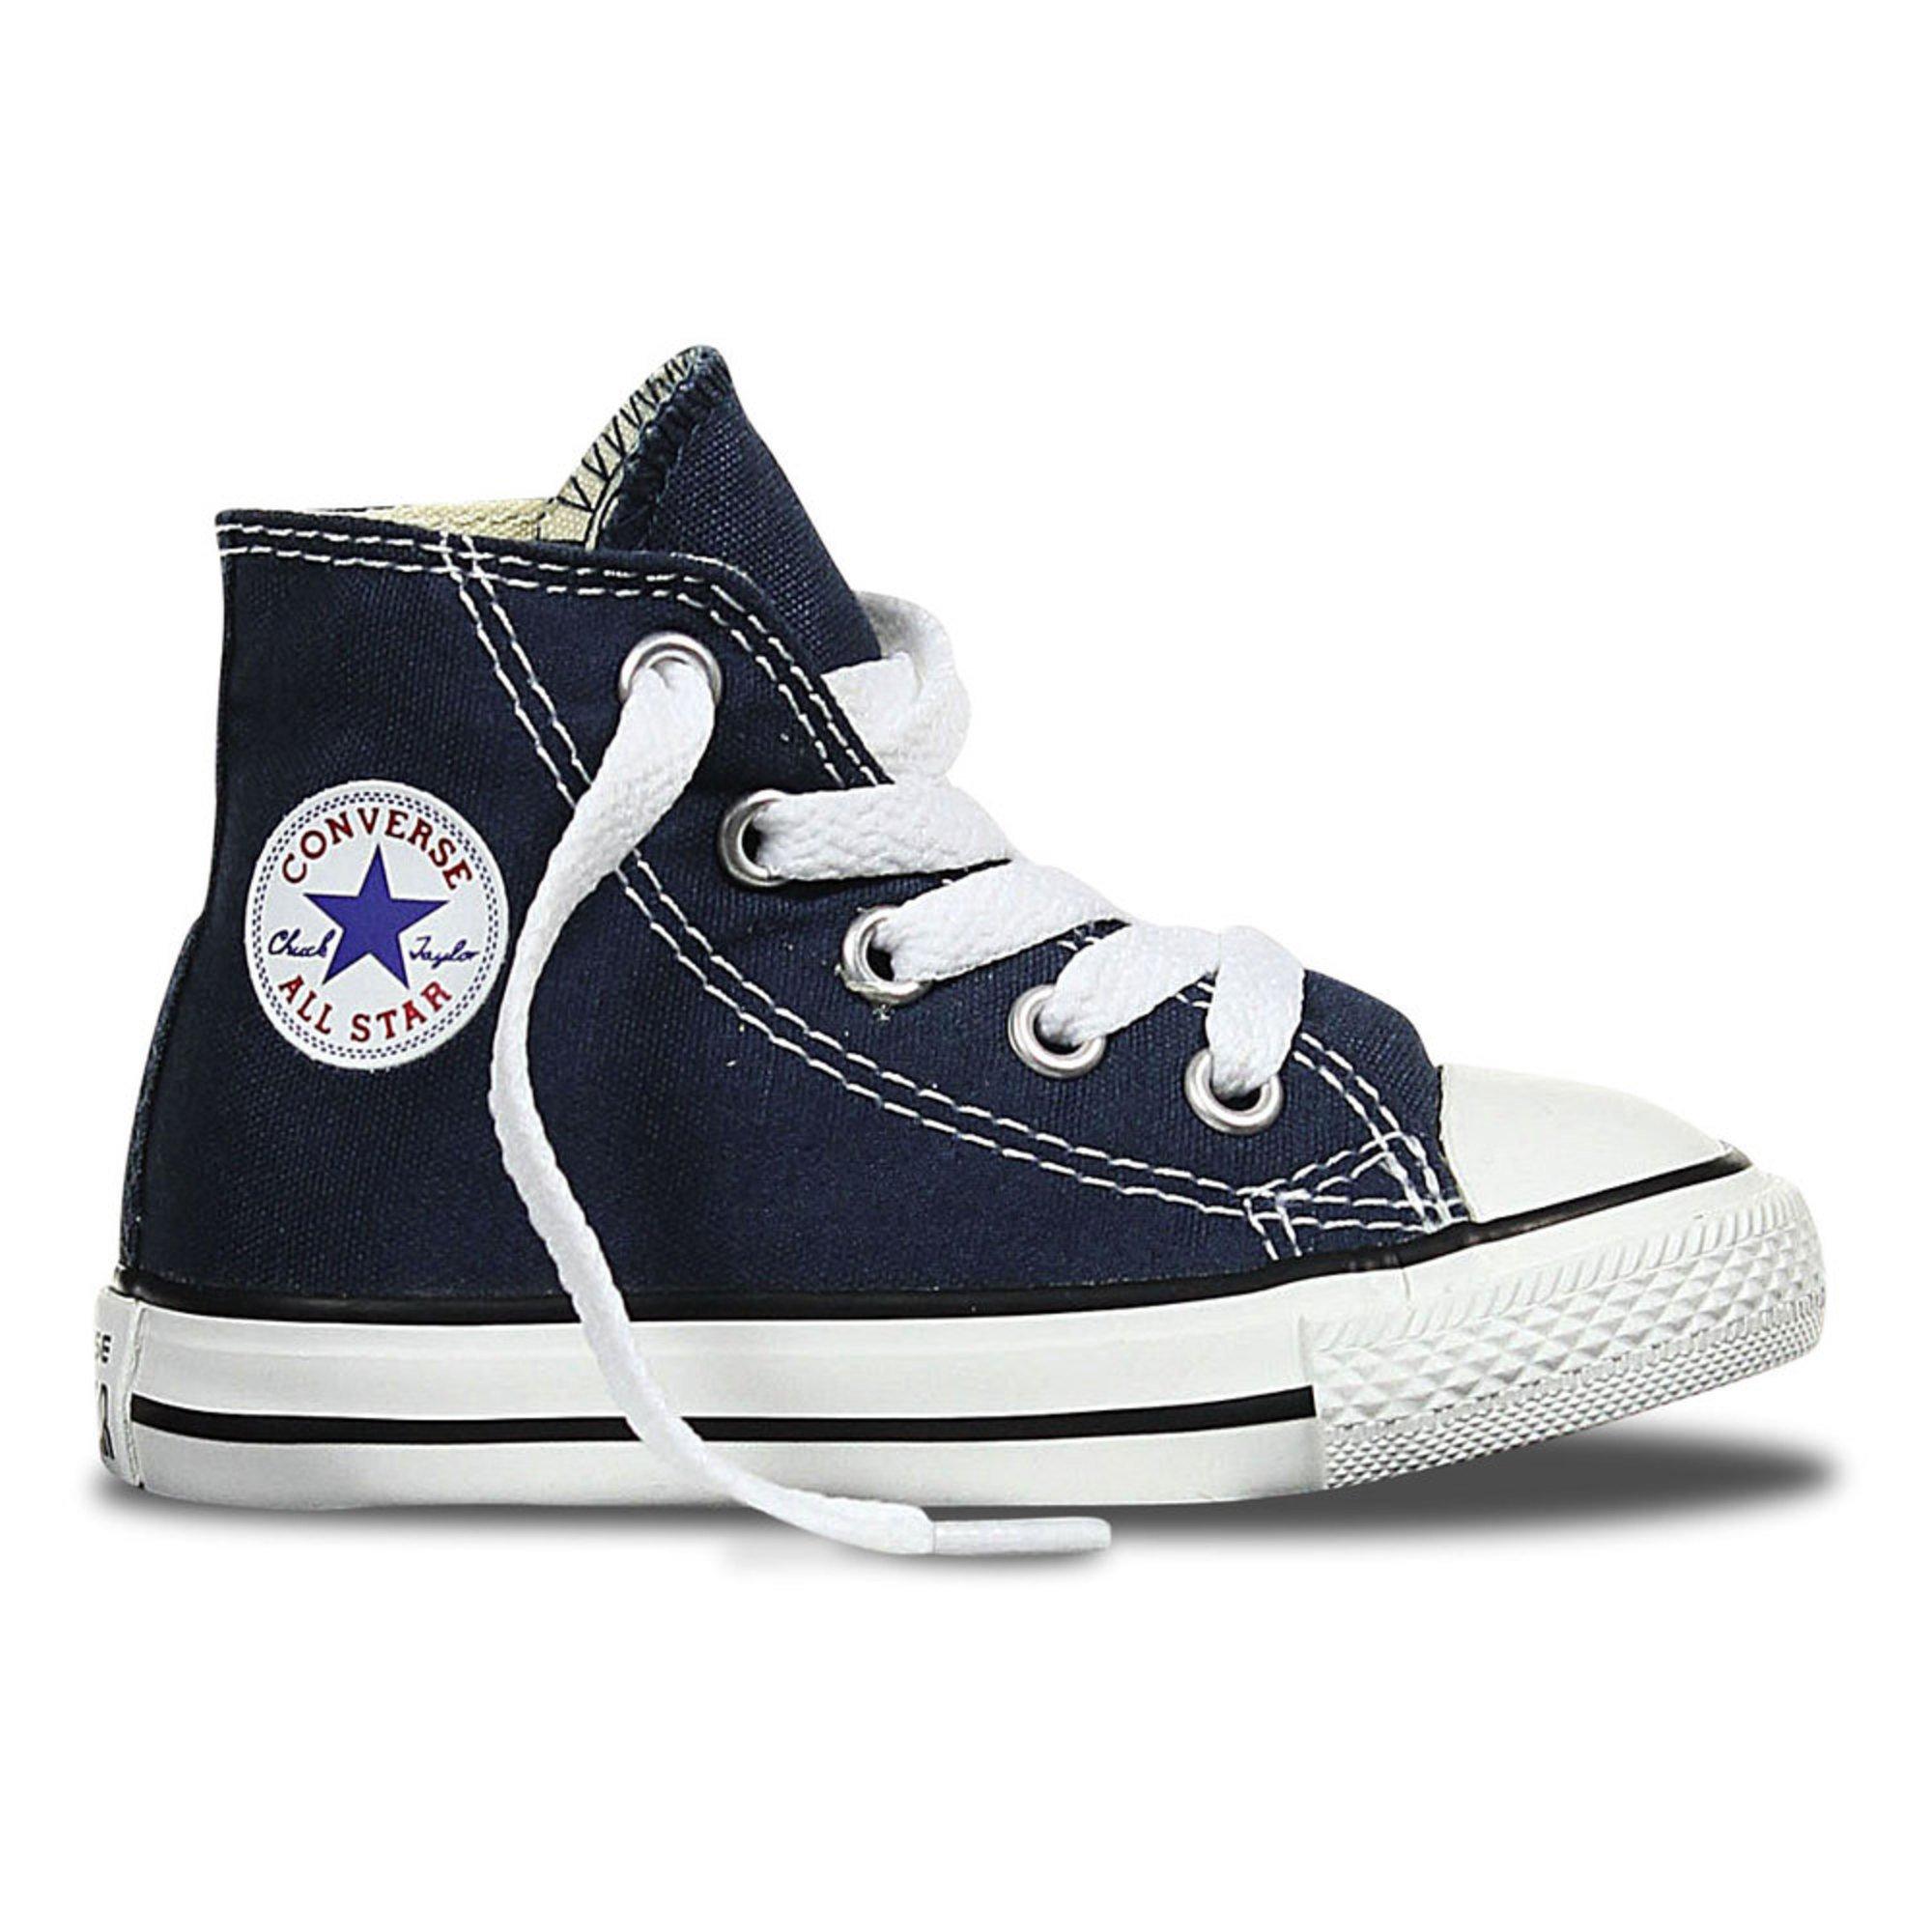 Converse. Converse Chuck Taylor All Star Hi Top Toddler Boys' Basketball  Shoe Navy